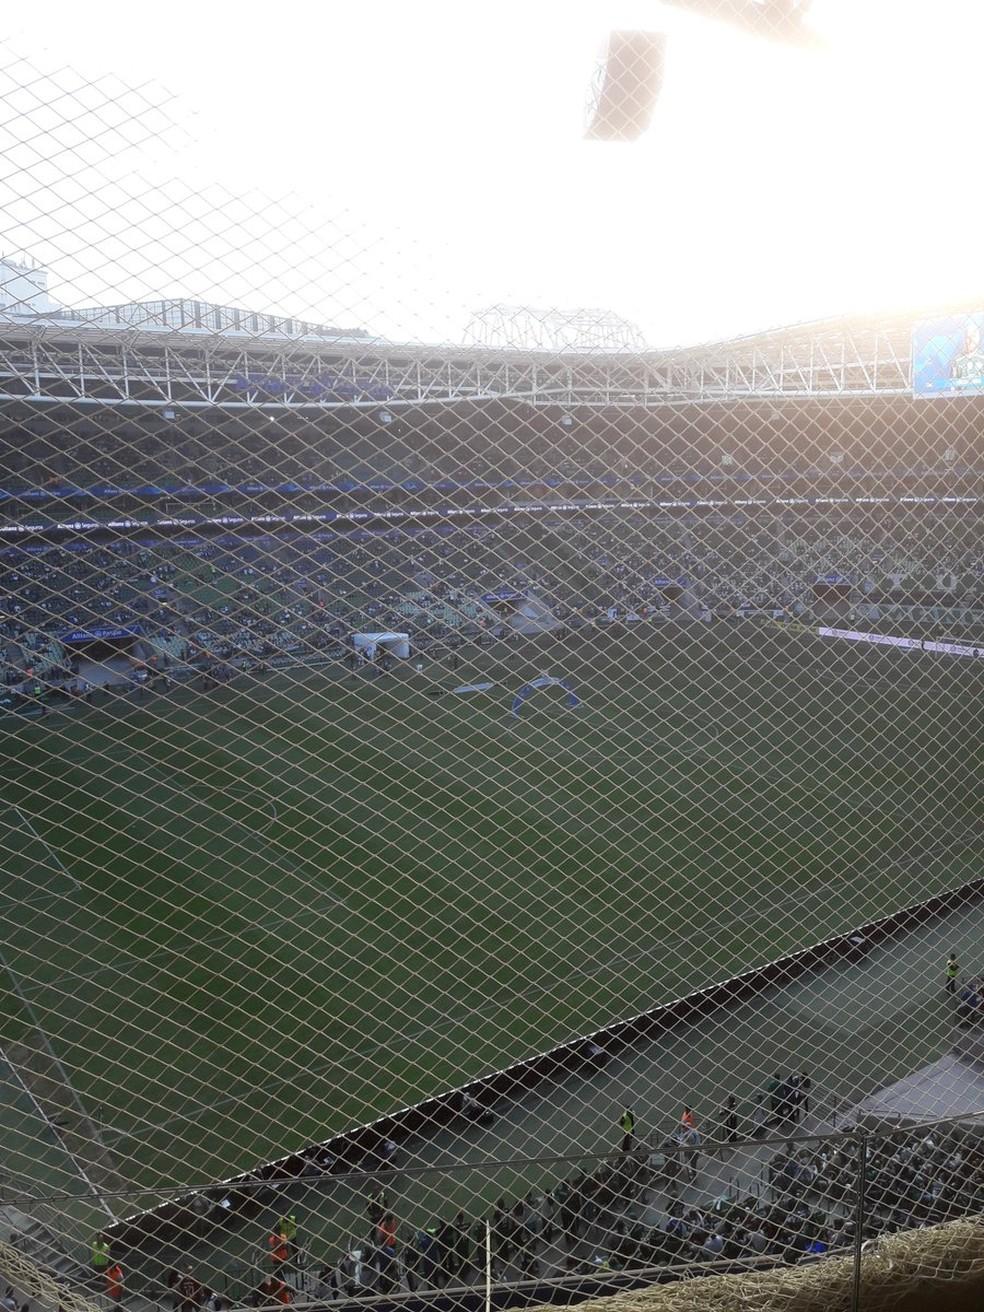 Torcedores do Athletico j haviam reclamado da tela na arena do Palmeiras  Foto Gabriel CurtyArquivo Pessoal